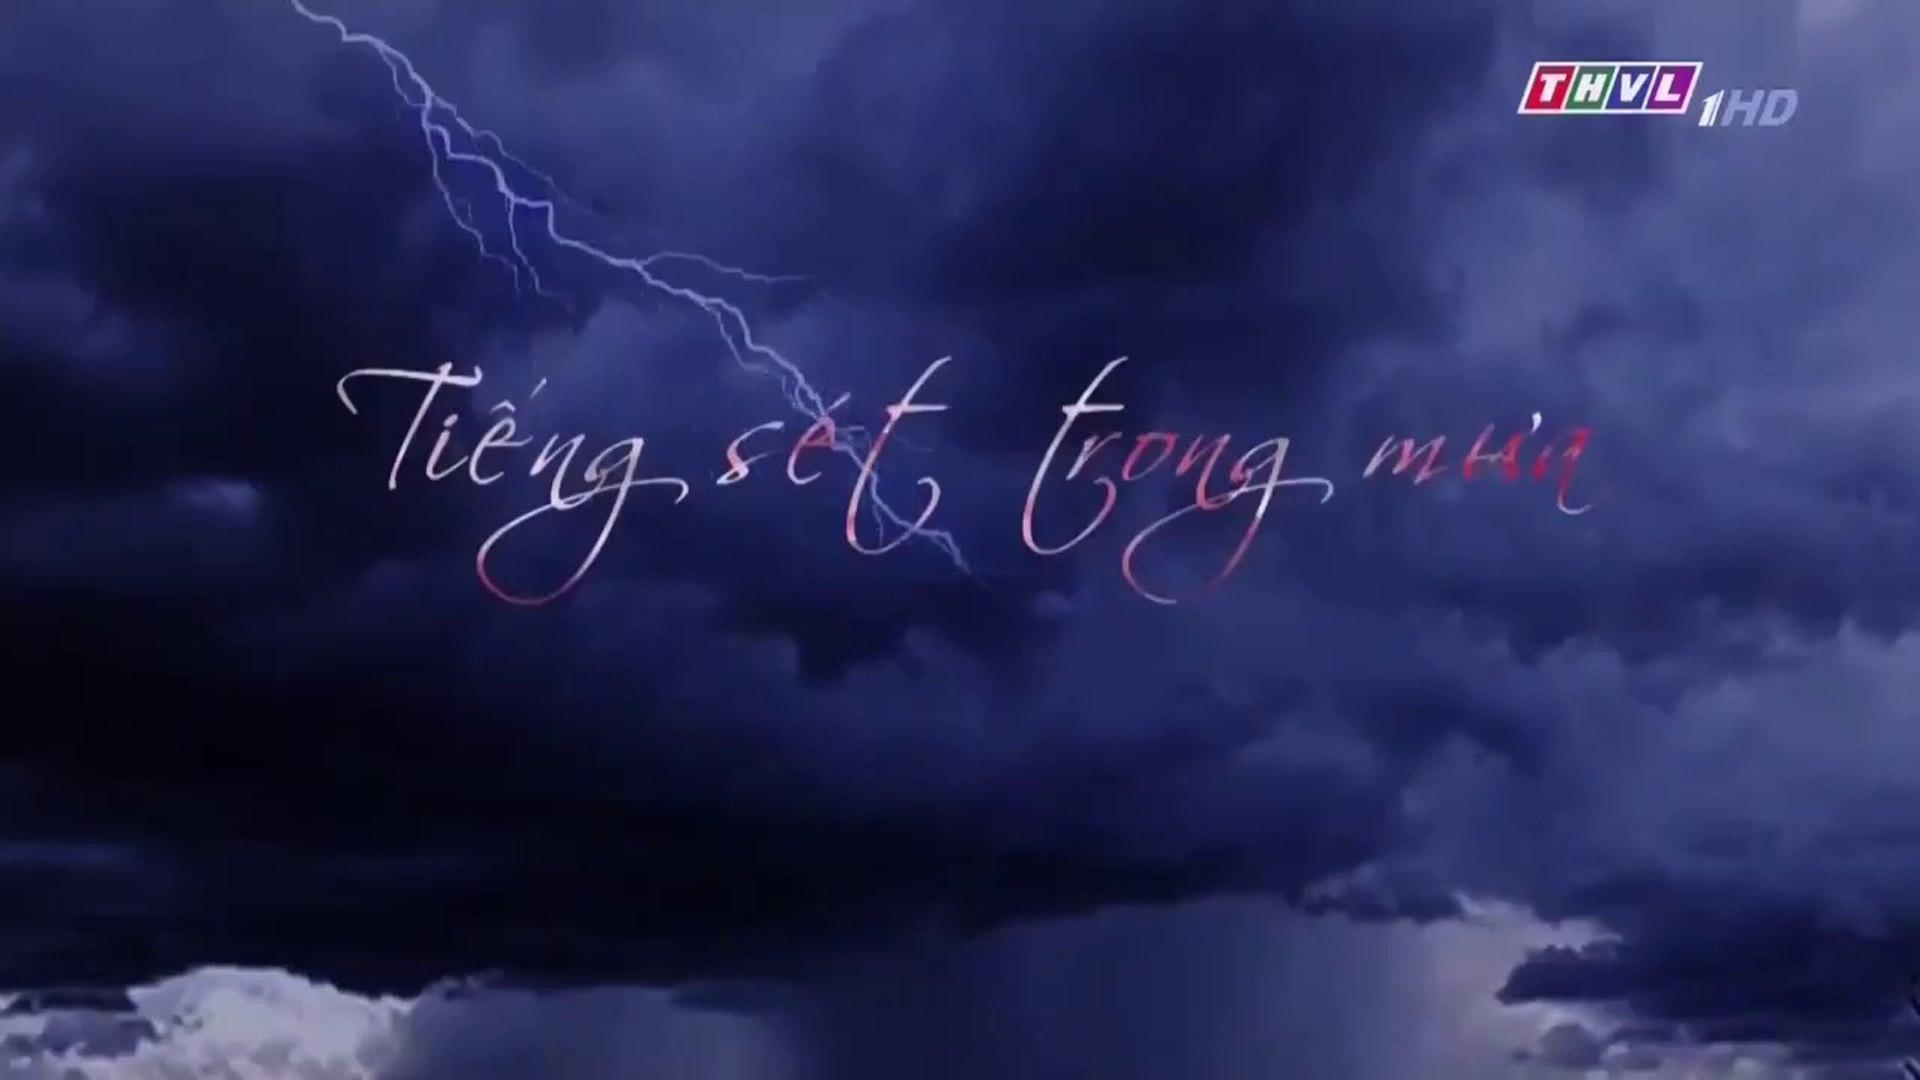 Tiếng sét trong mưa tập 35 trọn bộ - Phim Việt Nam THVL1 - Phim tieng set trong mua tap 36 - Phim ti